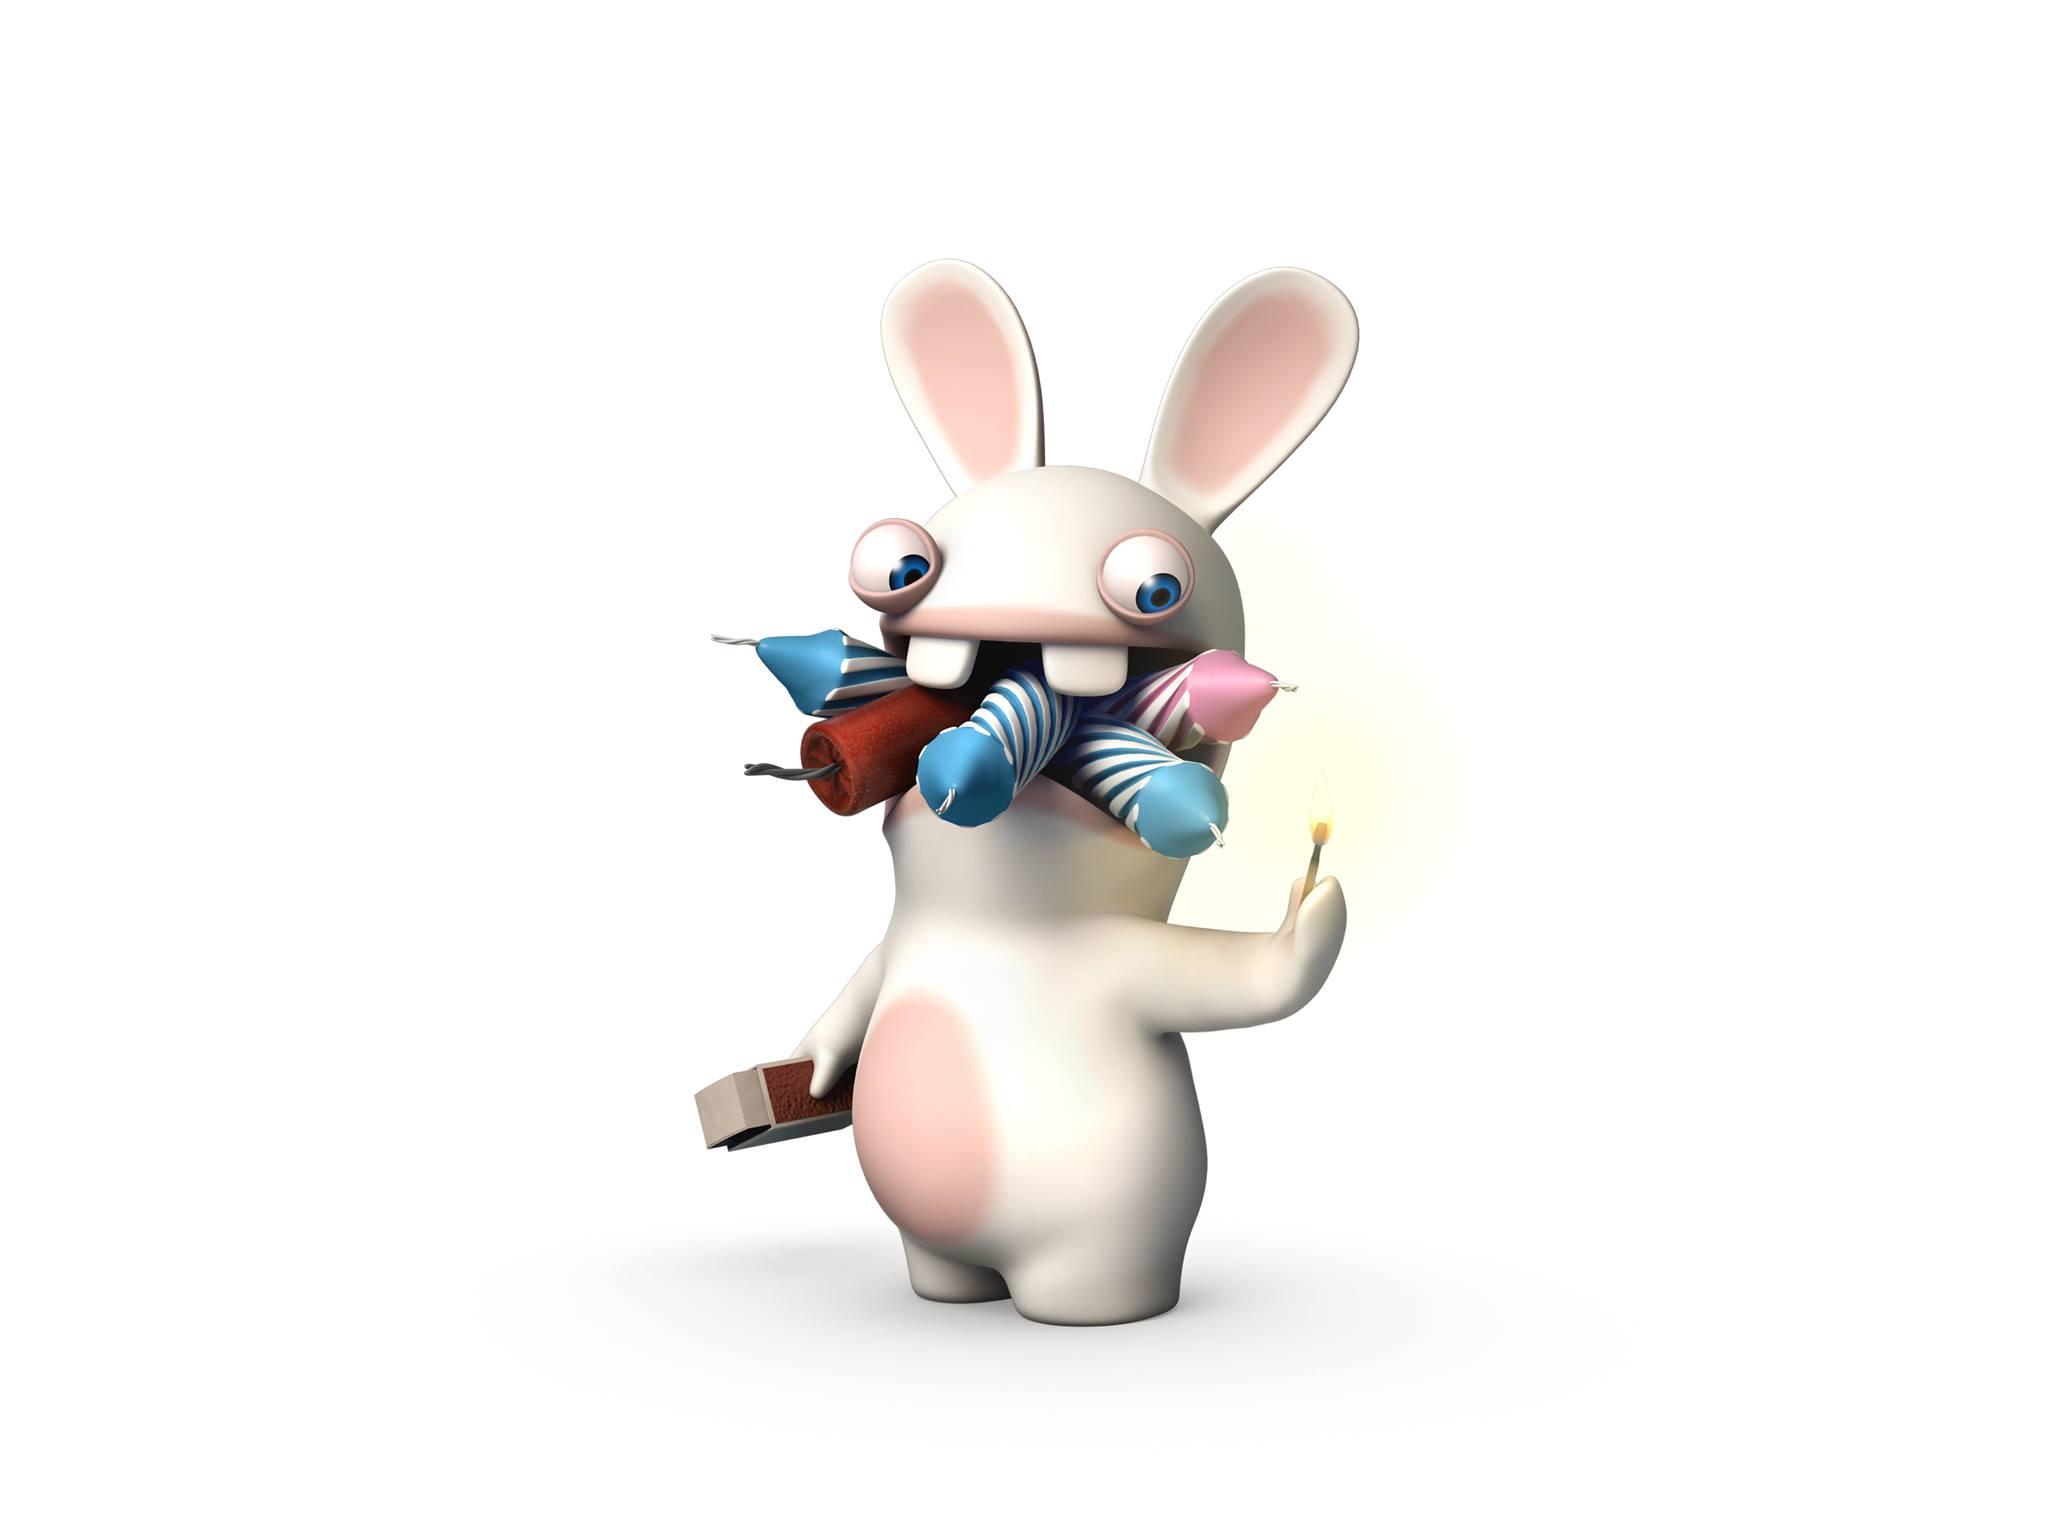 Humour de lapins cretins 4 le monde des lapins tout sur les lapins esp ce litt rature - Lapin cretin image ...